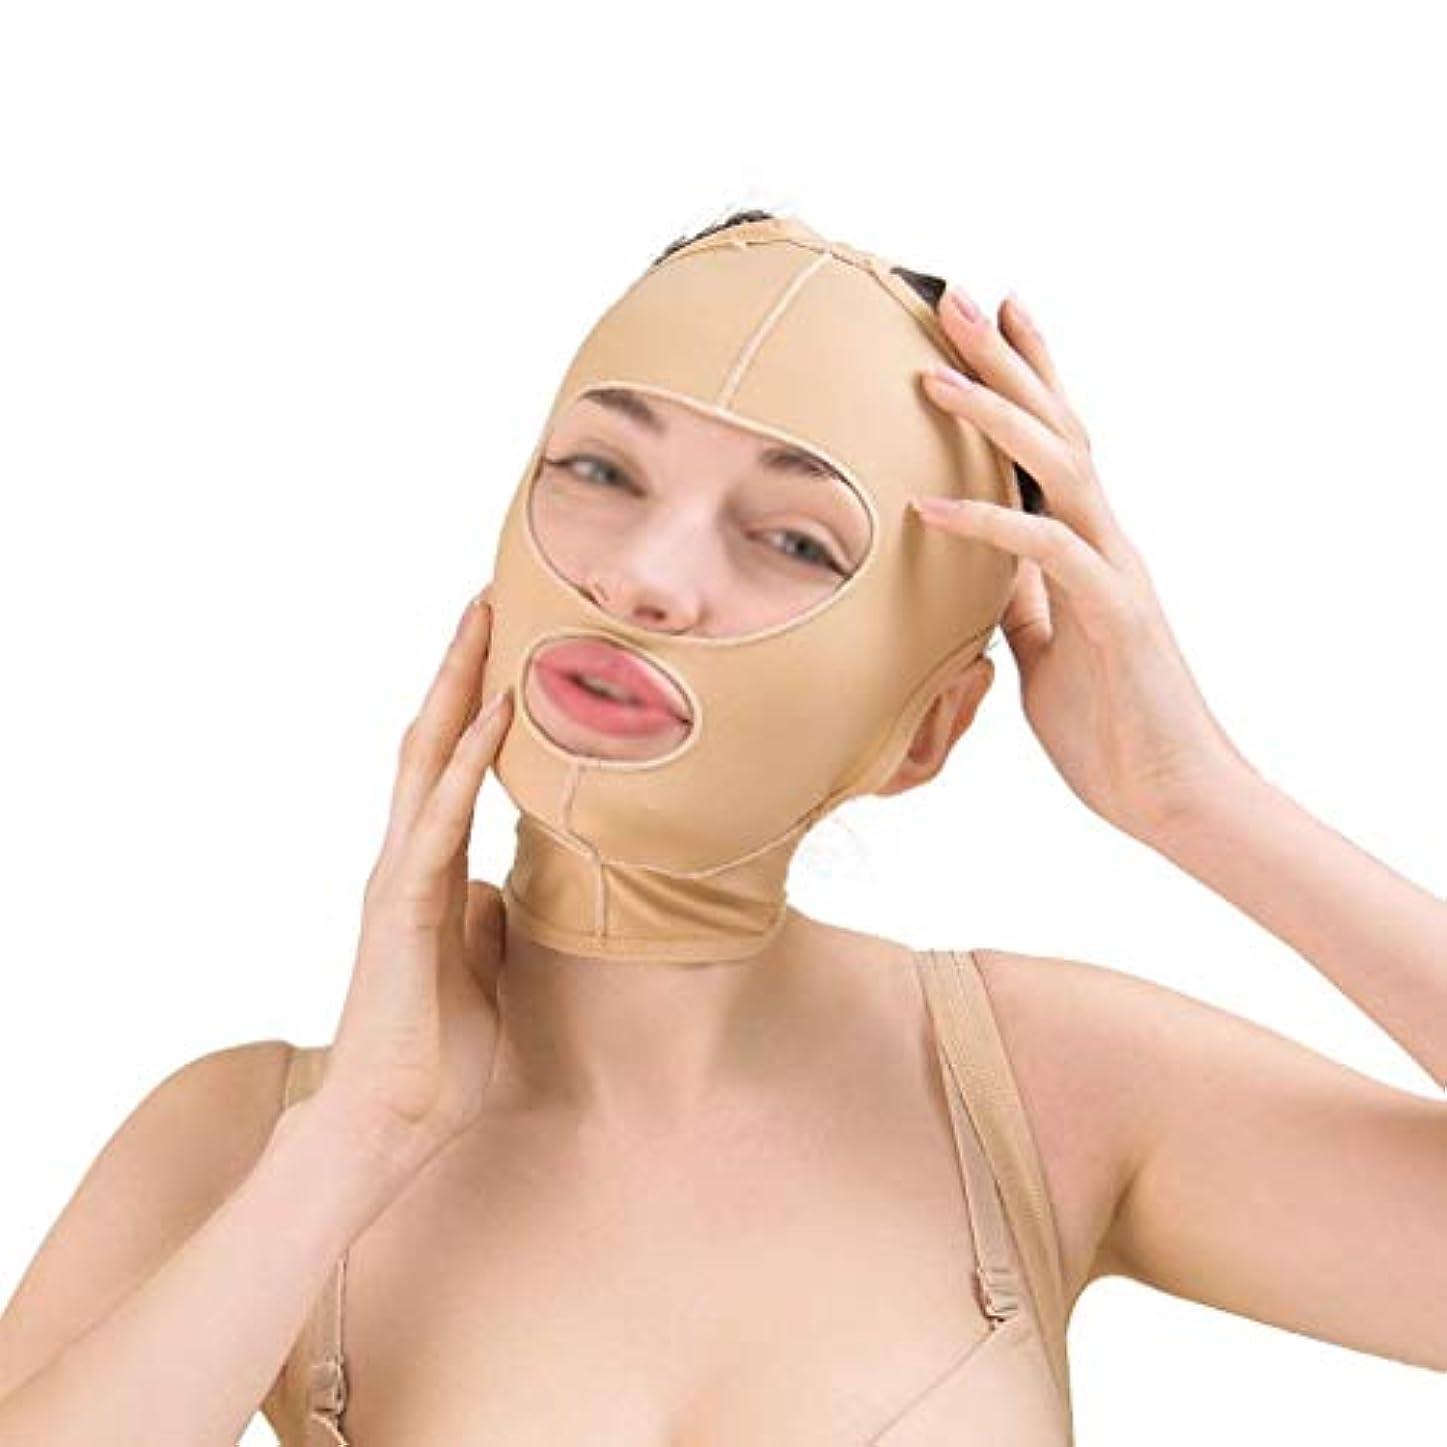 美容フェイスリフト減量ベルト、ほおスリムフィット、通気性フェイスリフト、引き締め、リフティング包帯、フェイシャルスキン包帯(サイズ:M),M